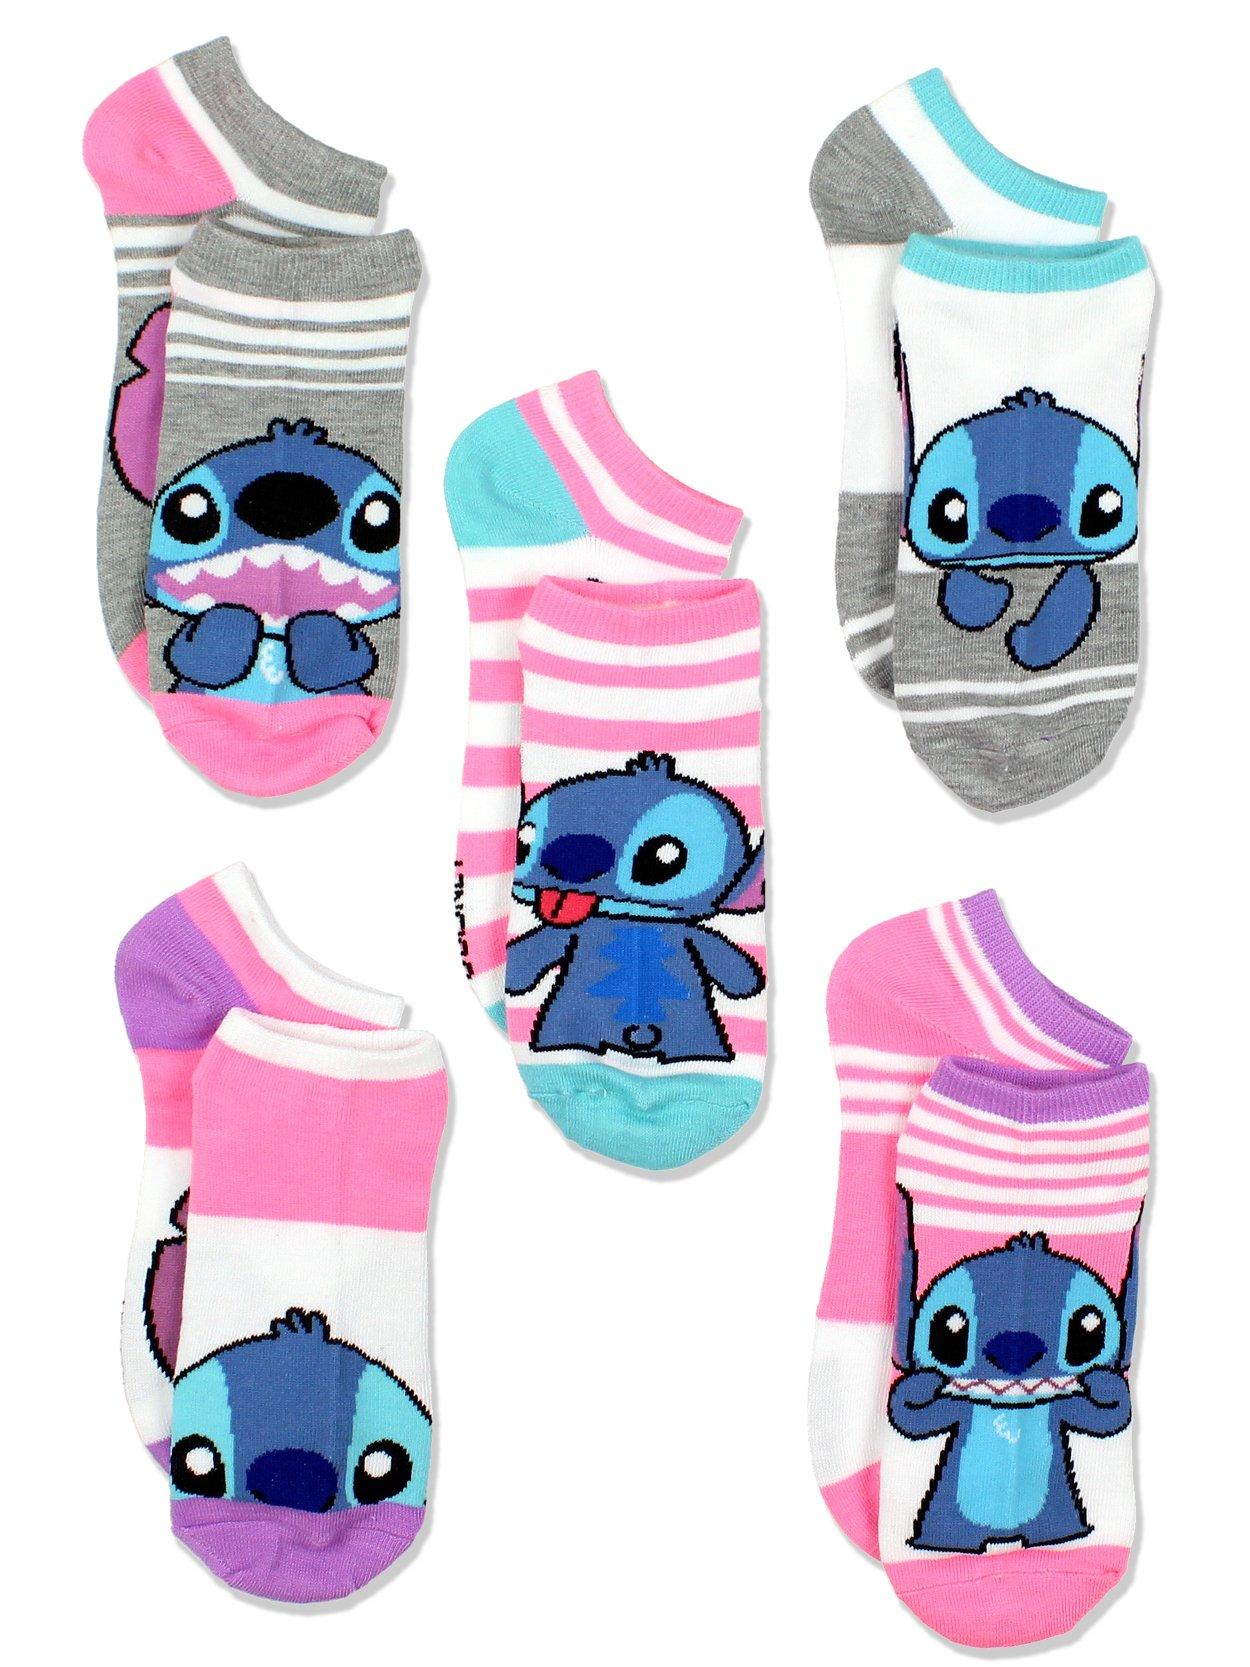 Lilo & Stitch Womens Multi Pack Socks (9-11 Womens (Shoe: 4-10), Pink/Multi)